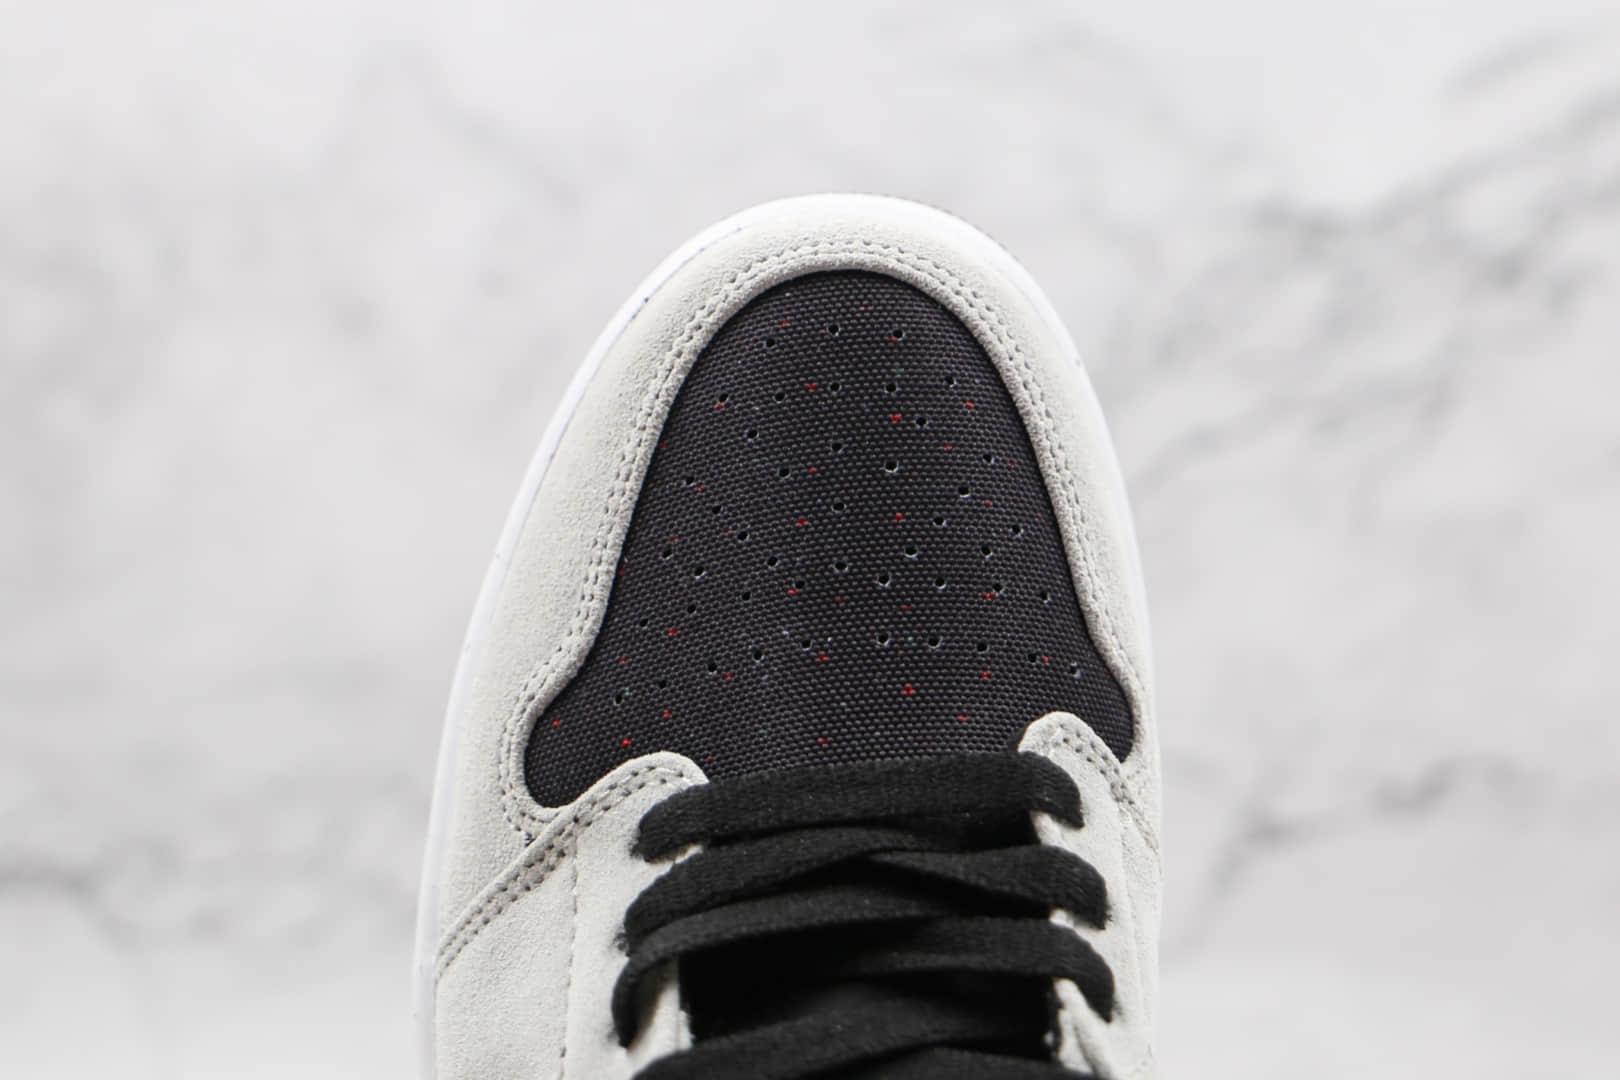 乔丹Air Jordan 1 Low Crater Releasing Soon纯原版本低帮AJ1灰色绒面可回收材料板鞋原楦头纸板打造 货号:DM4657-001